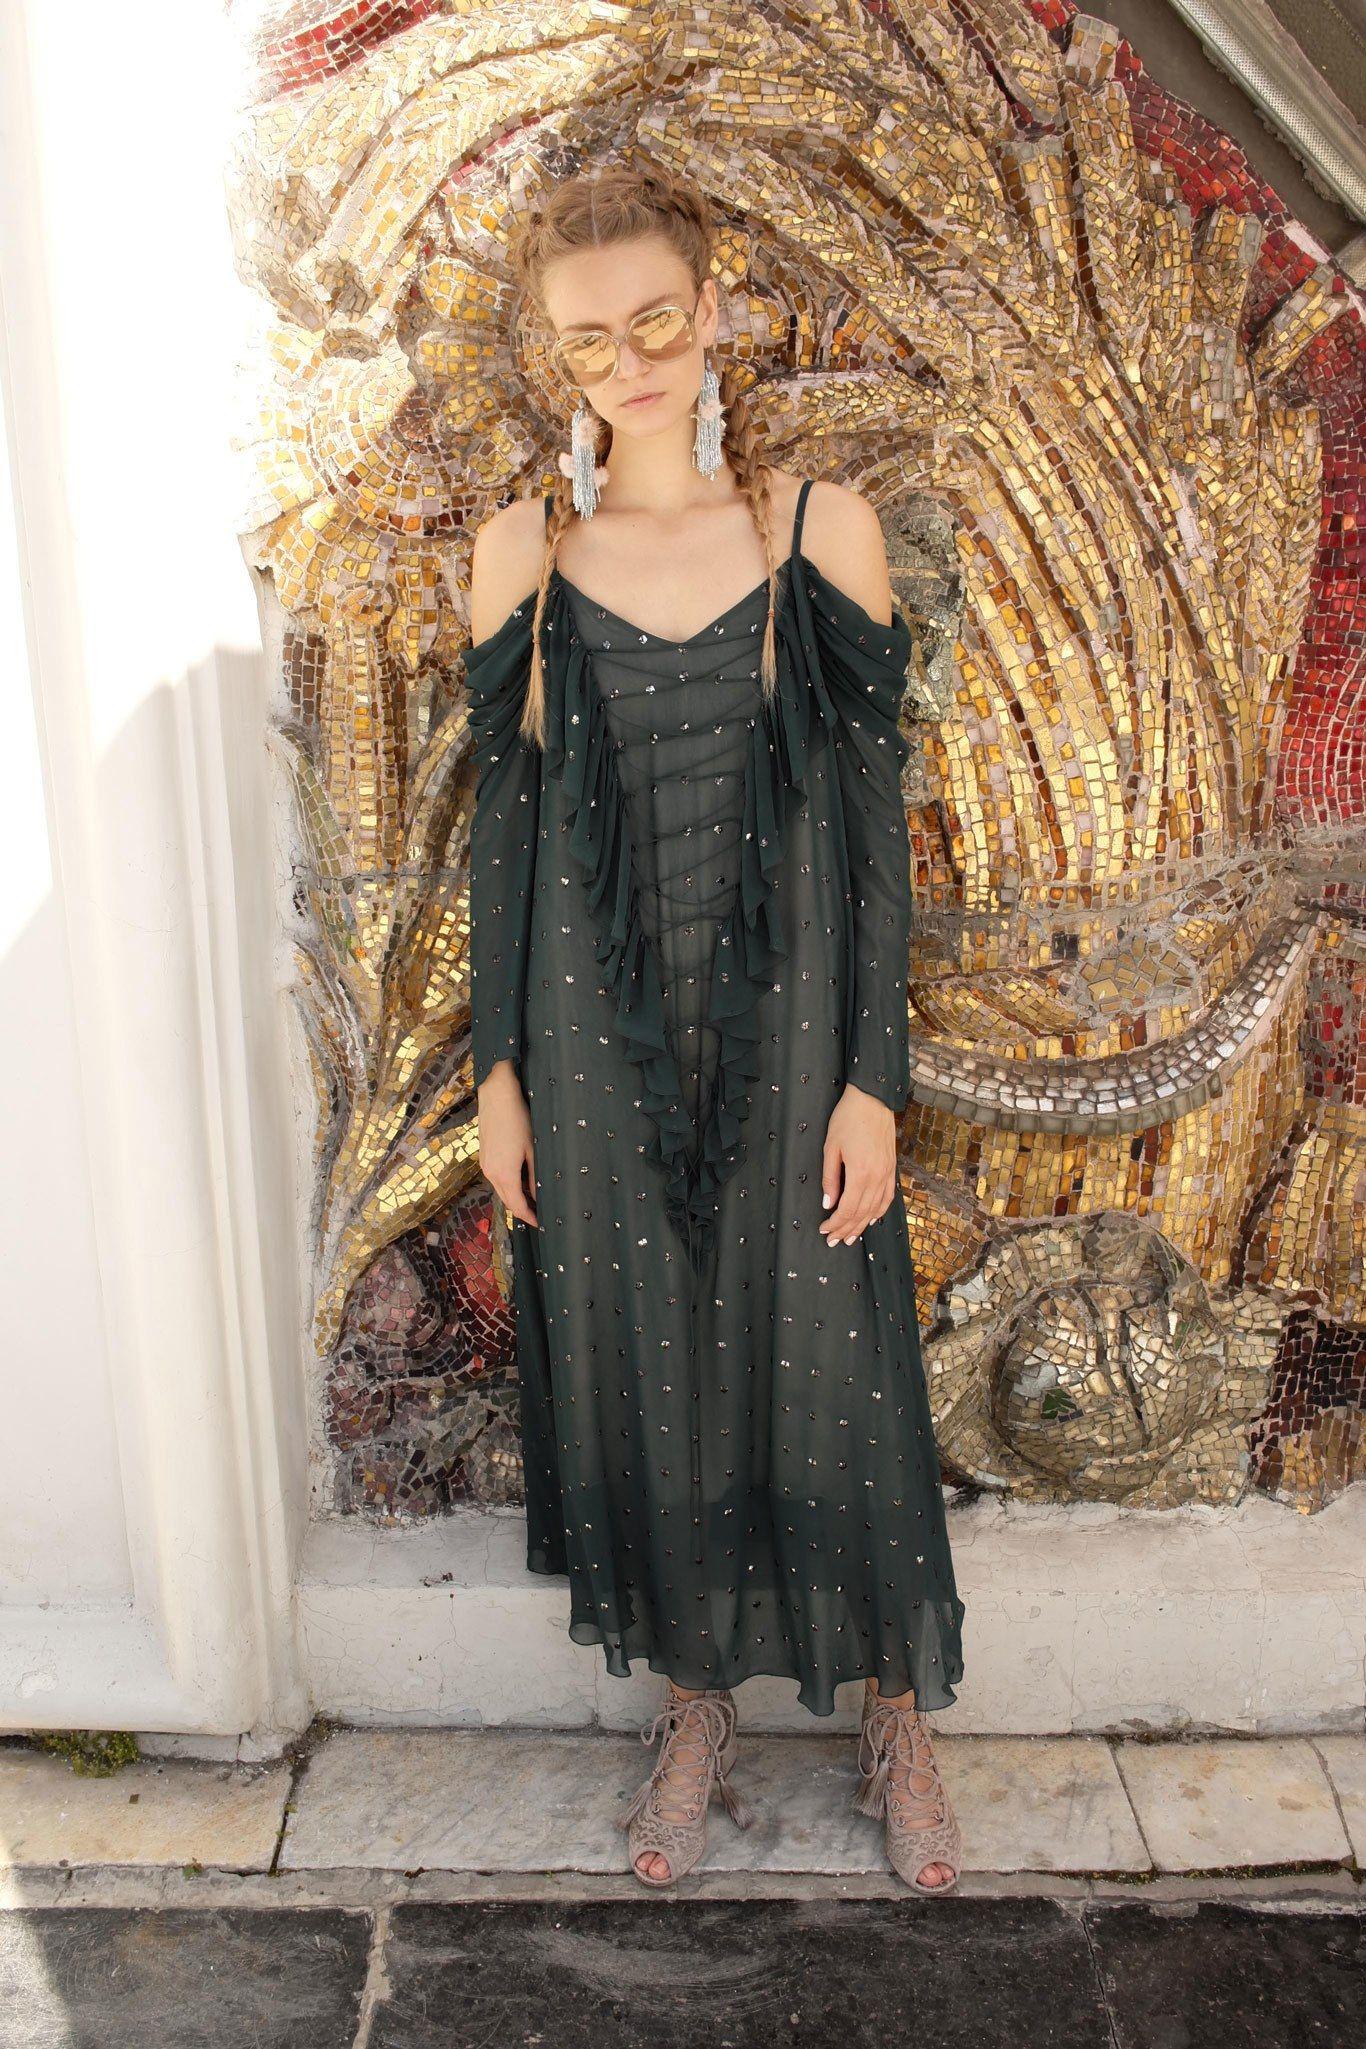 Alena akhmadullina spring readytowear fashion show spring